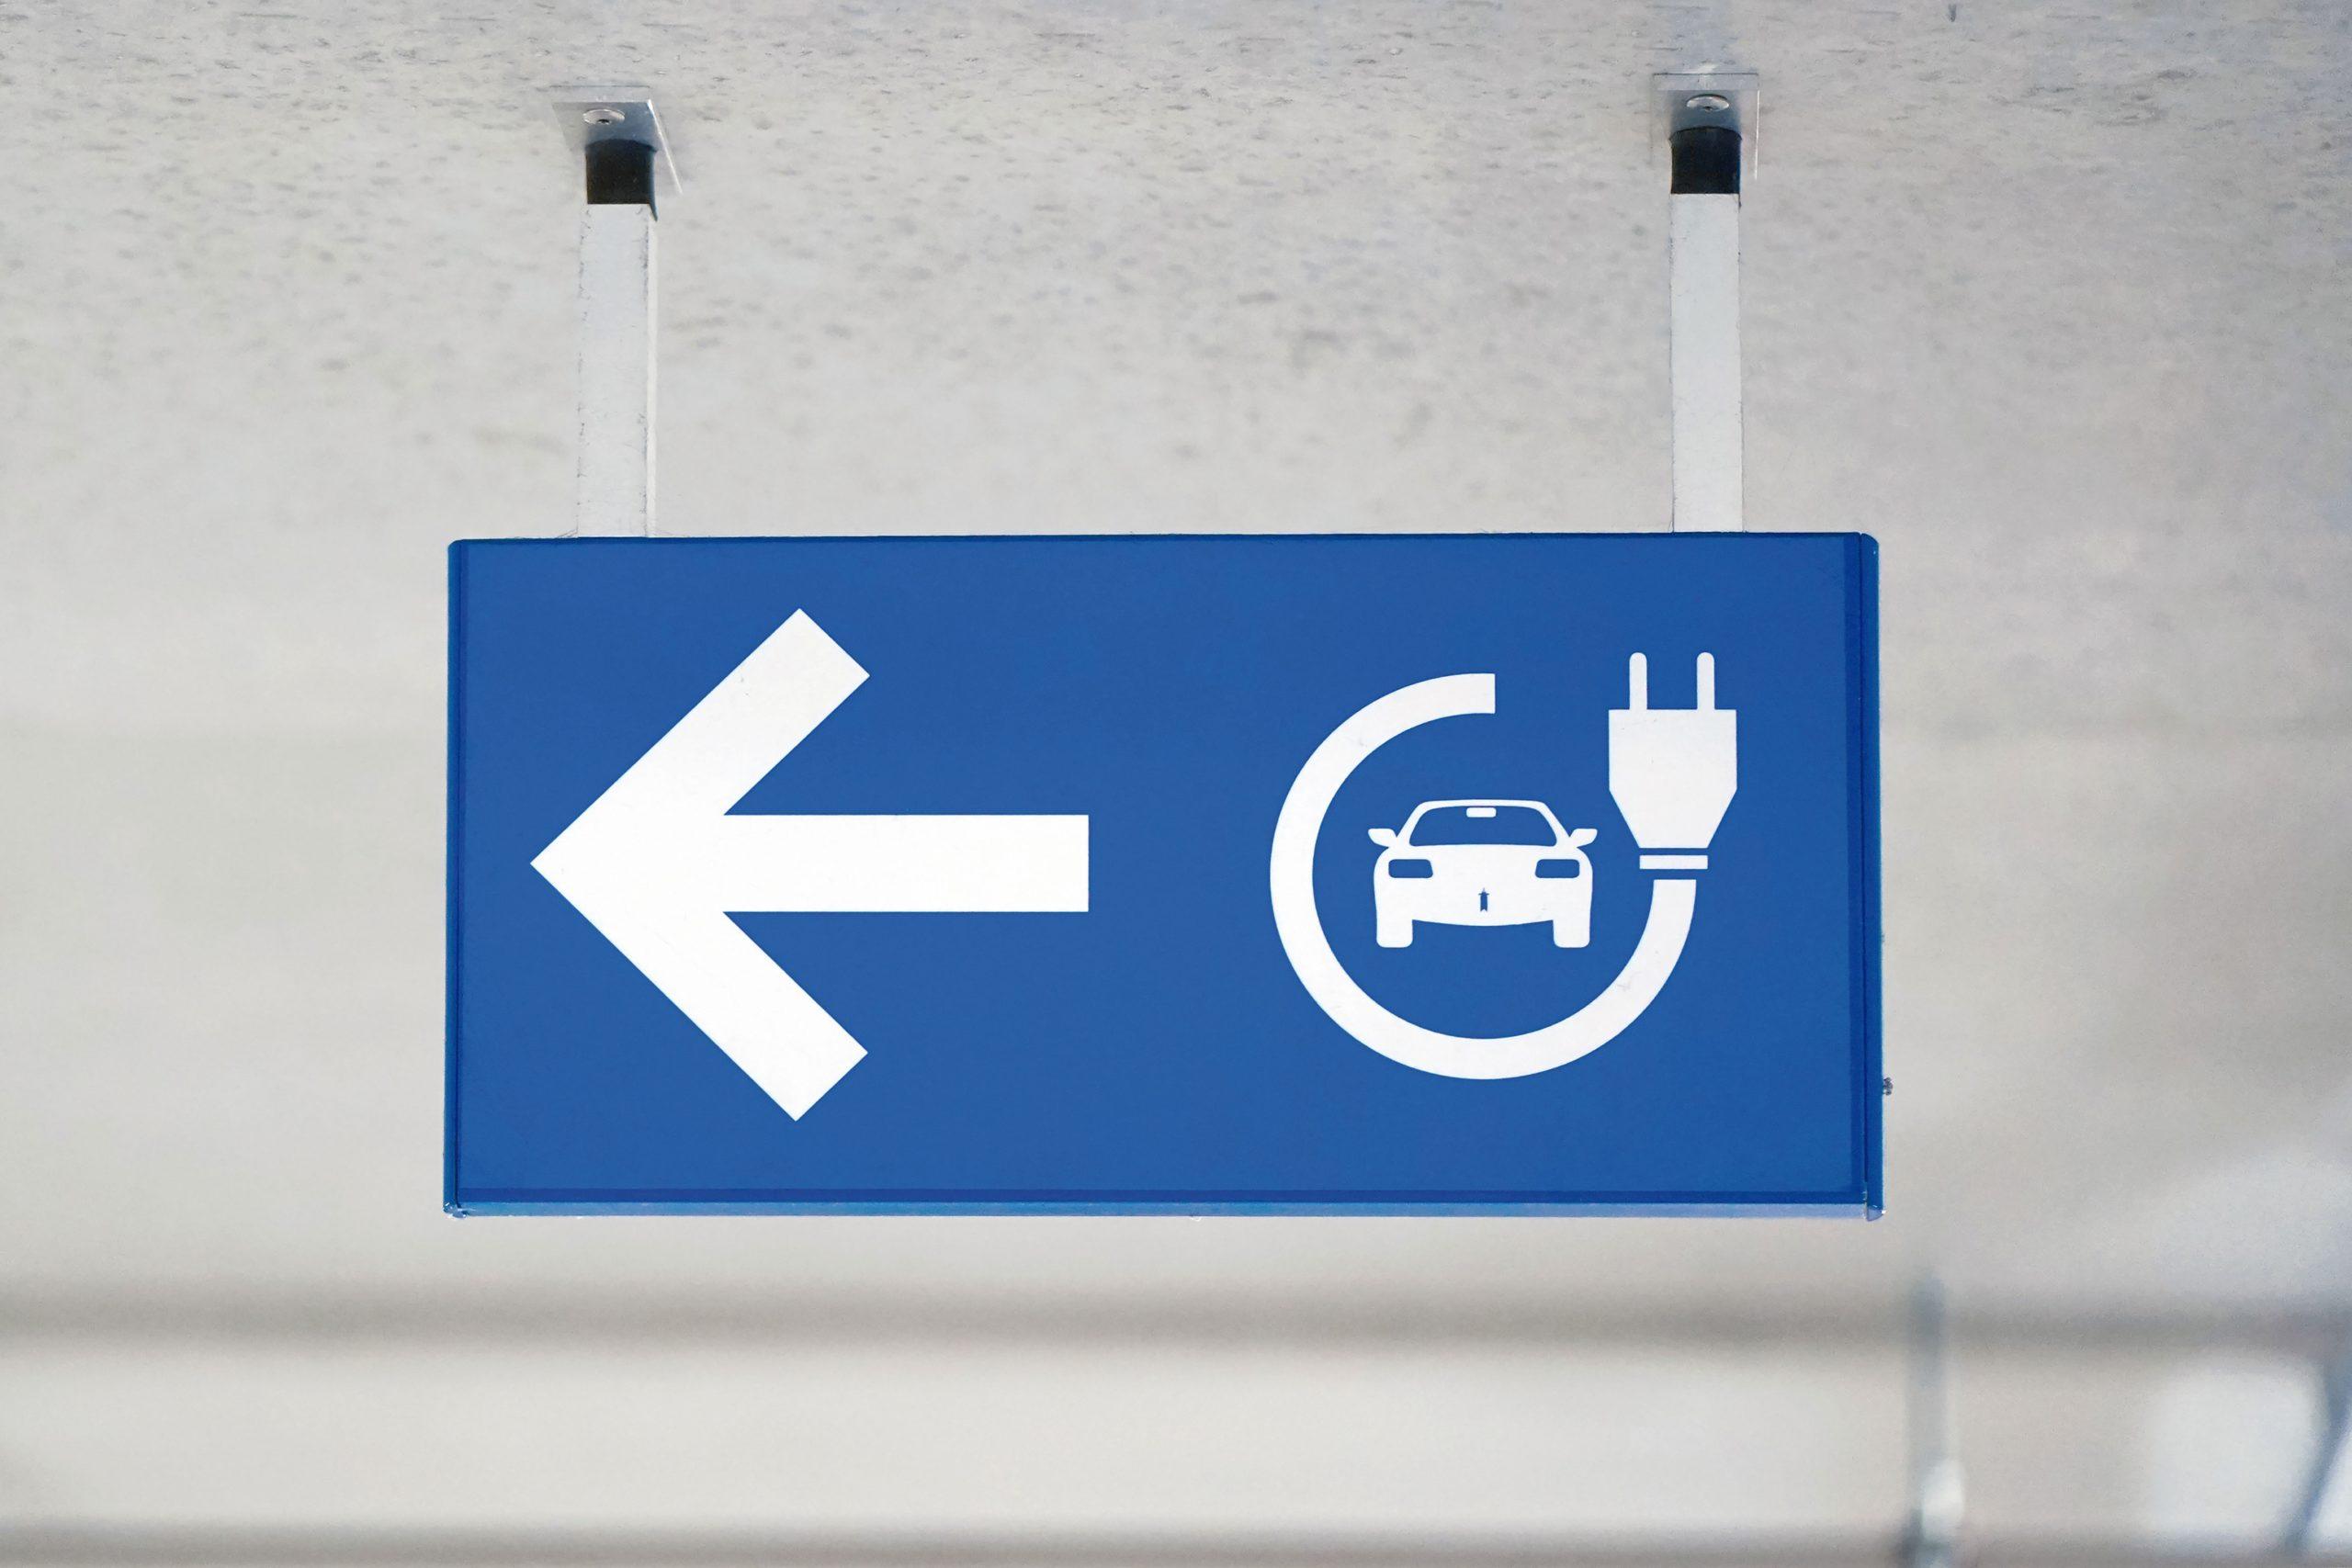 Puntos de recarga publico para vehículos electricos